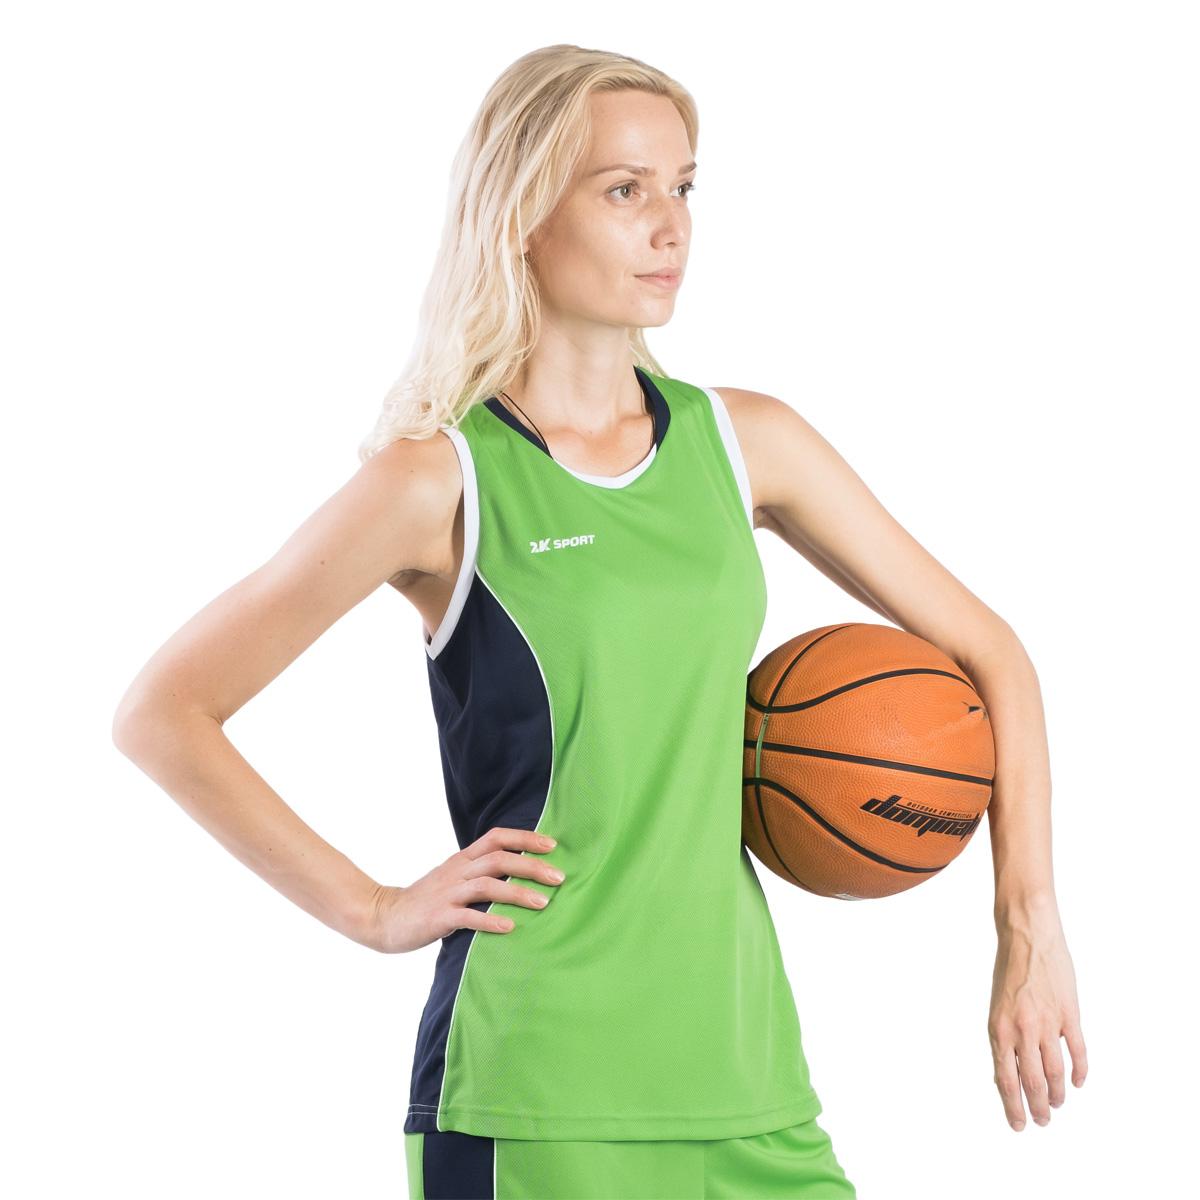 Профессиональная баскетбольная игровая майка от 2K Sport создана для того, чтобы вам ничего не мешало демонстрировать великолепную игру на паркете против самых грозных соперников. Полуприлегающий силуэт подчеркивает женственную фигуру и обеспечивает комфорт во время движения. Оригинальные цветовые решения для красивых побед.